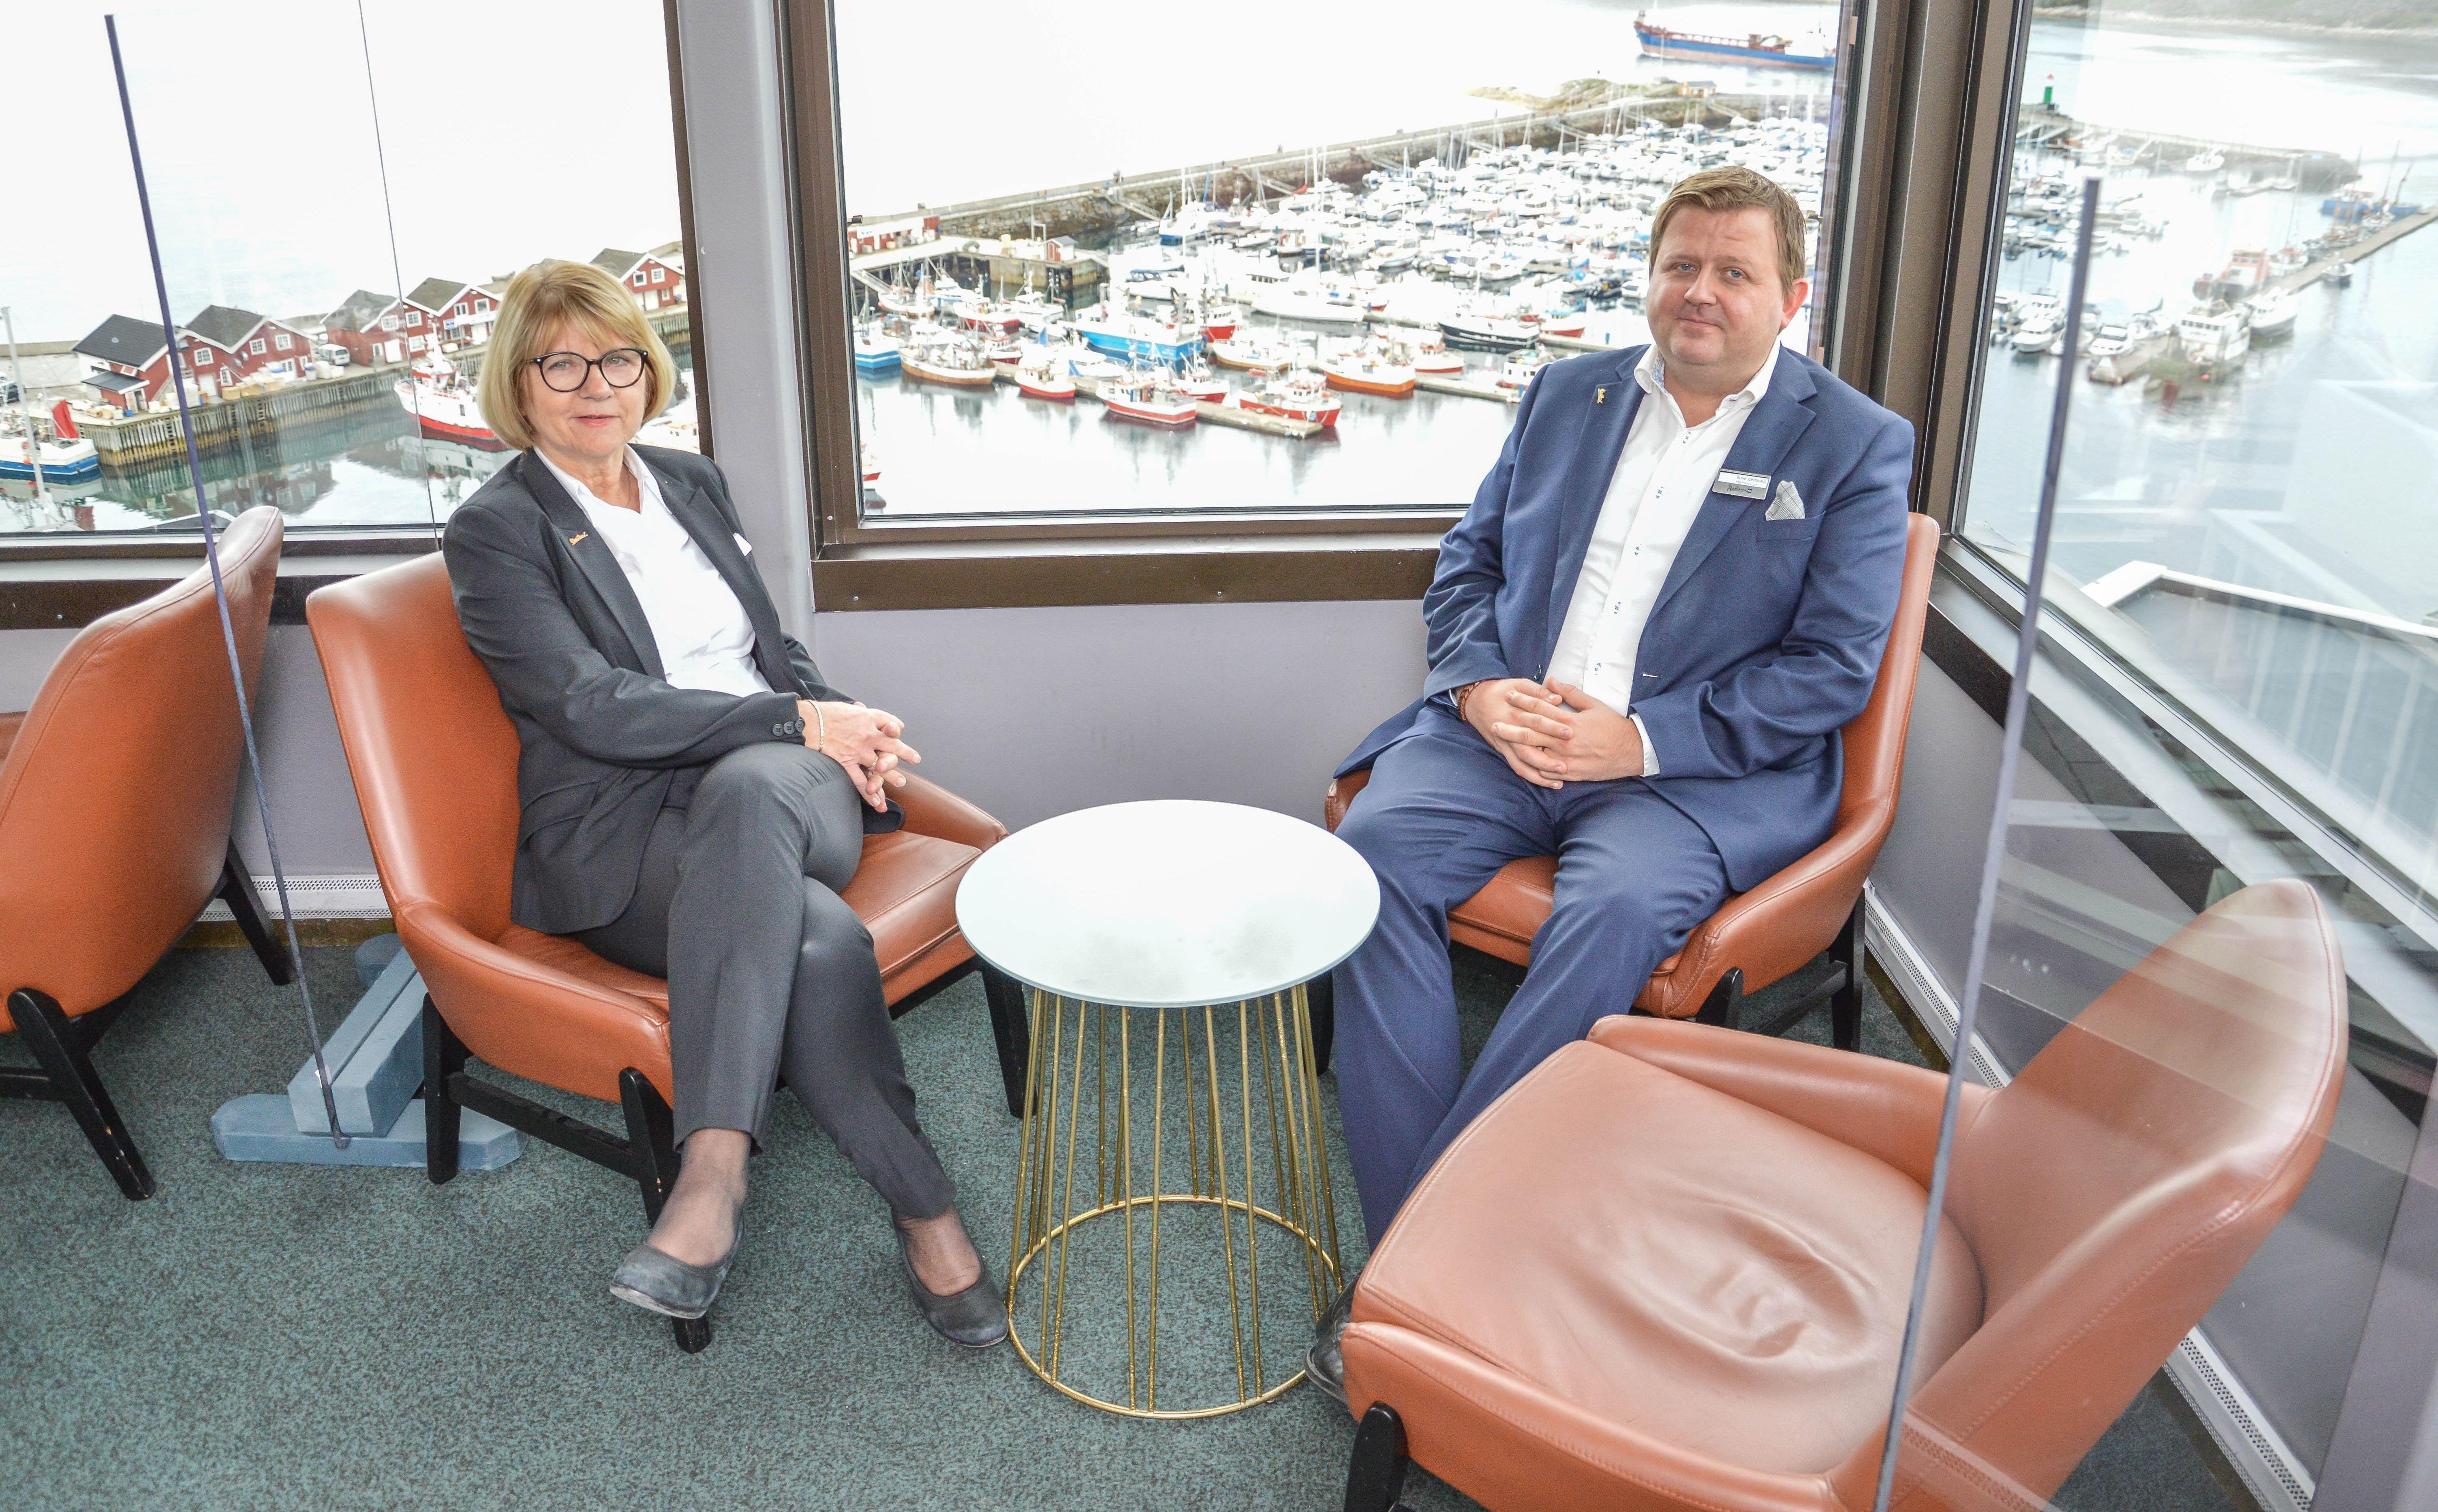 Hotelldirektør Inger-Lise Henningsen og Rune Jønsberg, Food & Beverage Manager nyter å sette seg ned på Top 13 Bar & Lounge. Her er det trygt å oppholde seg, ikke minst fordi alle sittegruppene er adskilt med pleksiglass.